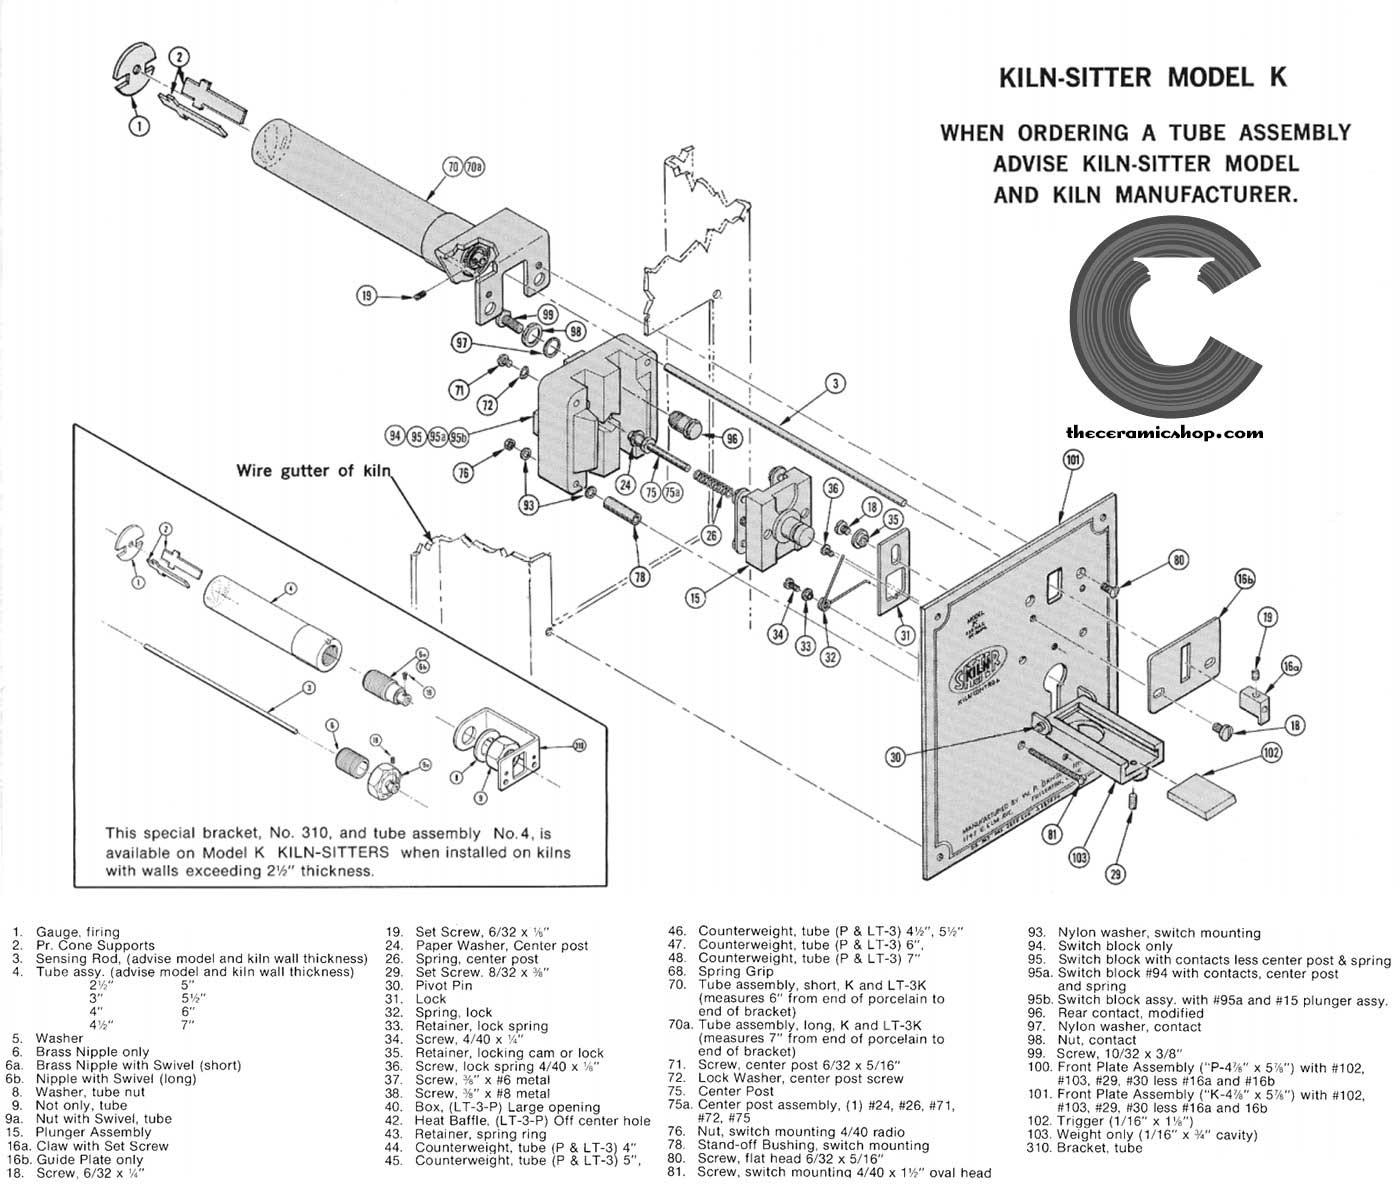 Kiln Sitter Parts